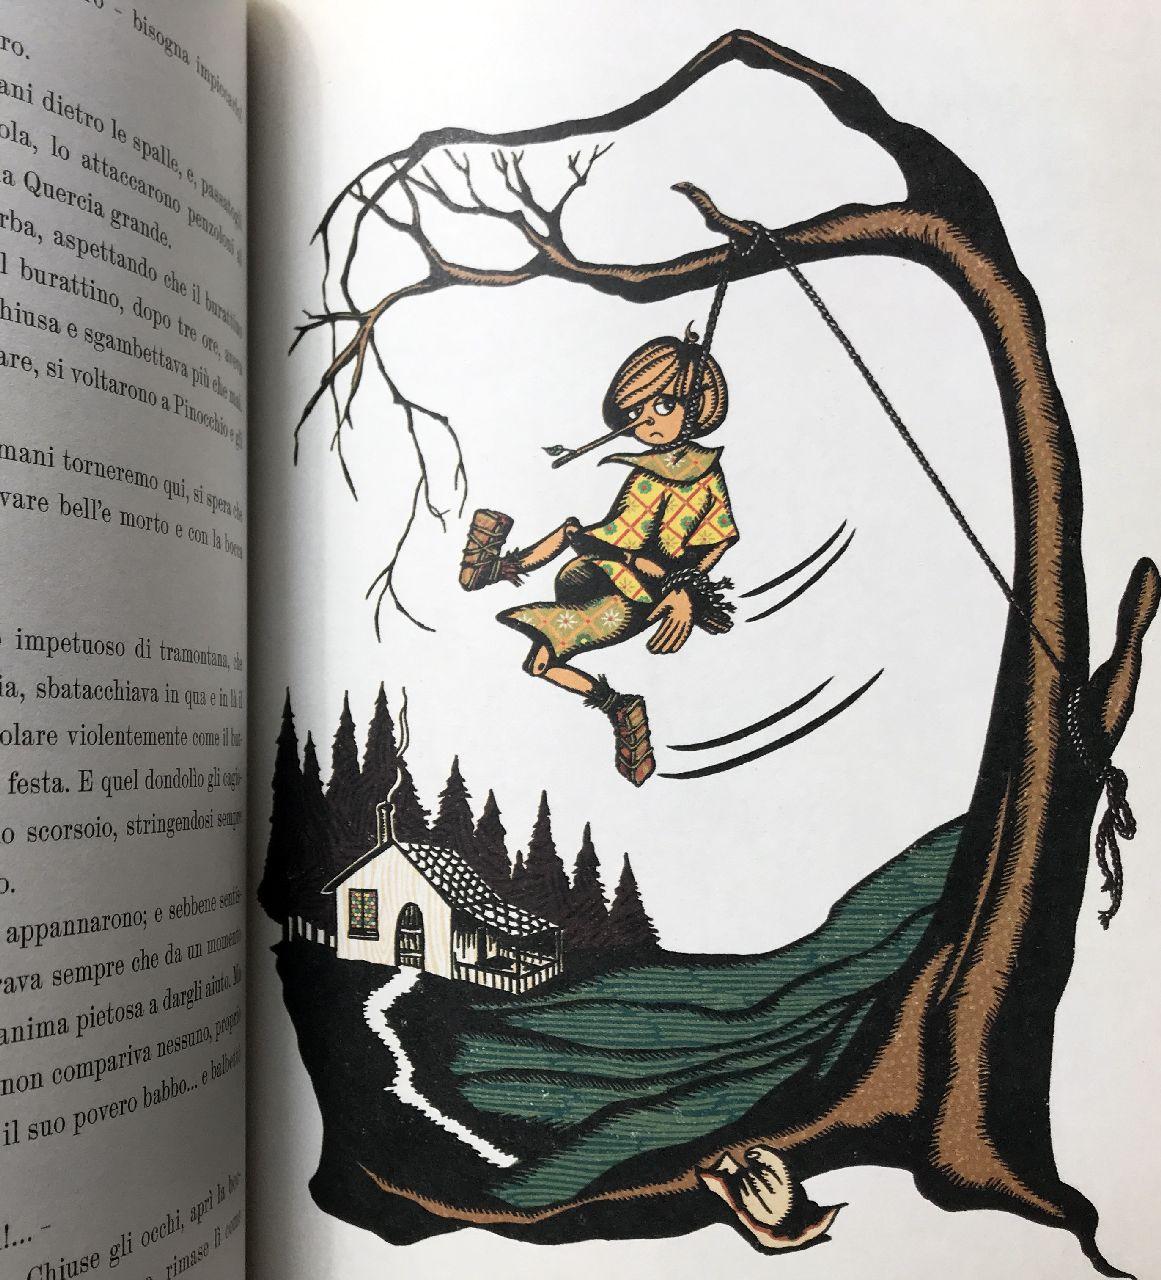 Carlo Collodi - Minalima, Pinocchio, L'ippocampo